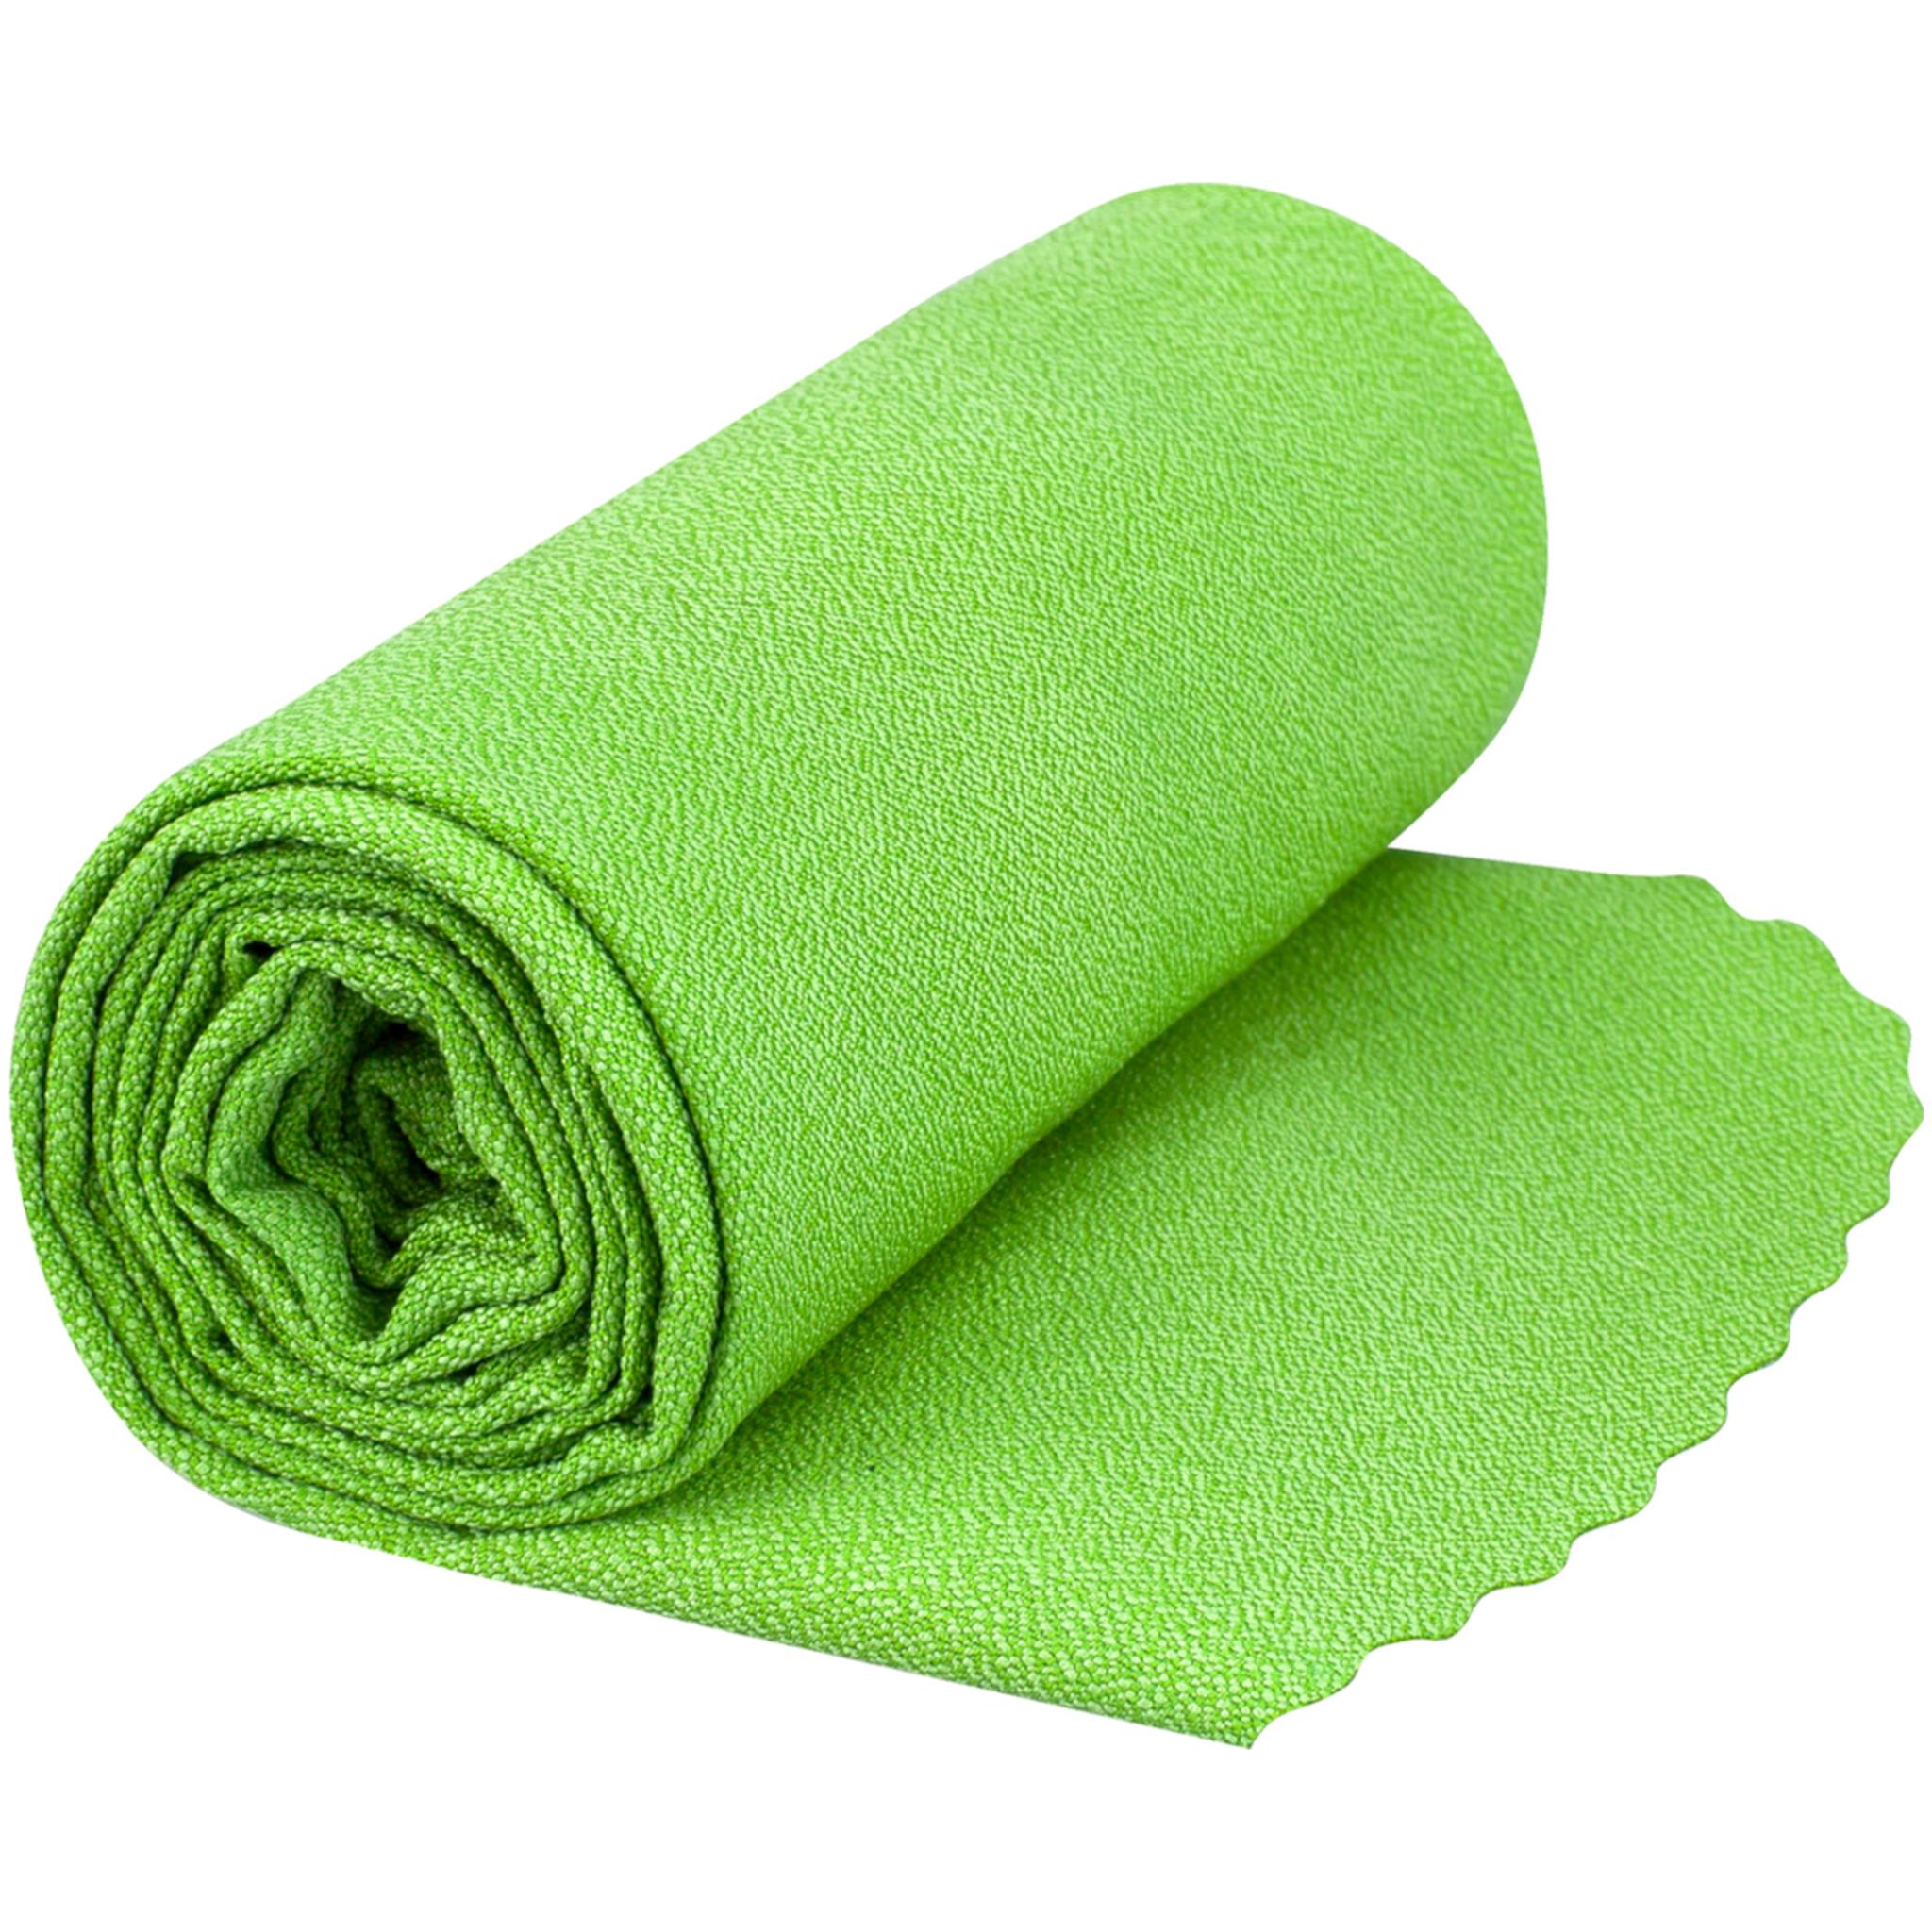 Sea To Summit Airlite Towel Medium Lime, turhåndkle Medium Lime